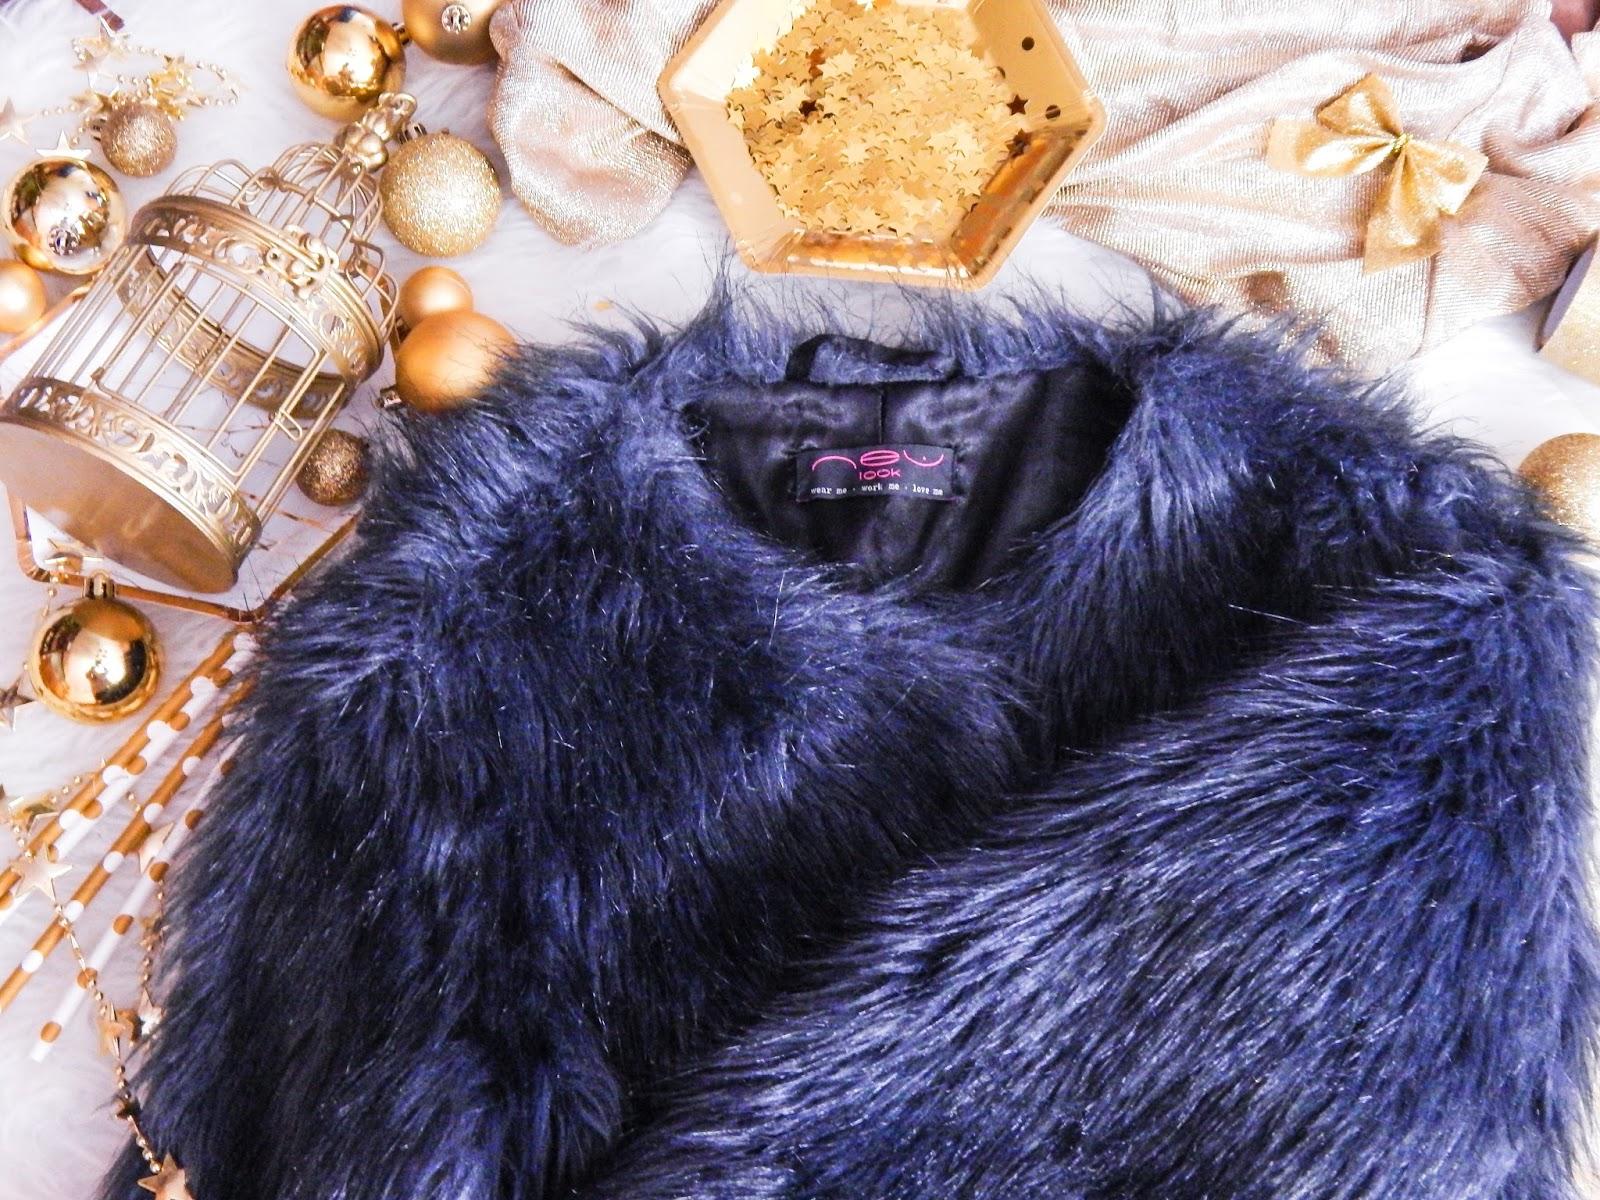 6 melodylaniella podsumowanie roku moj rok 2016 rabble party box blog lifestyle fashion moda style ubrania kosmetyki recenzje